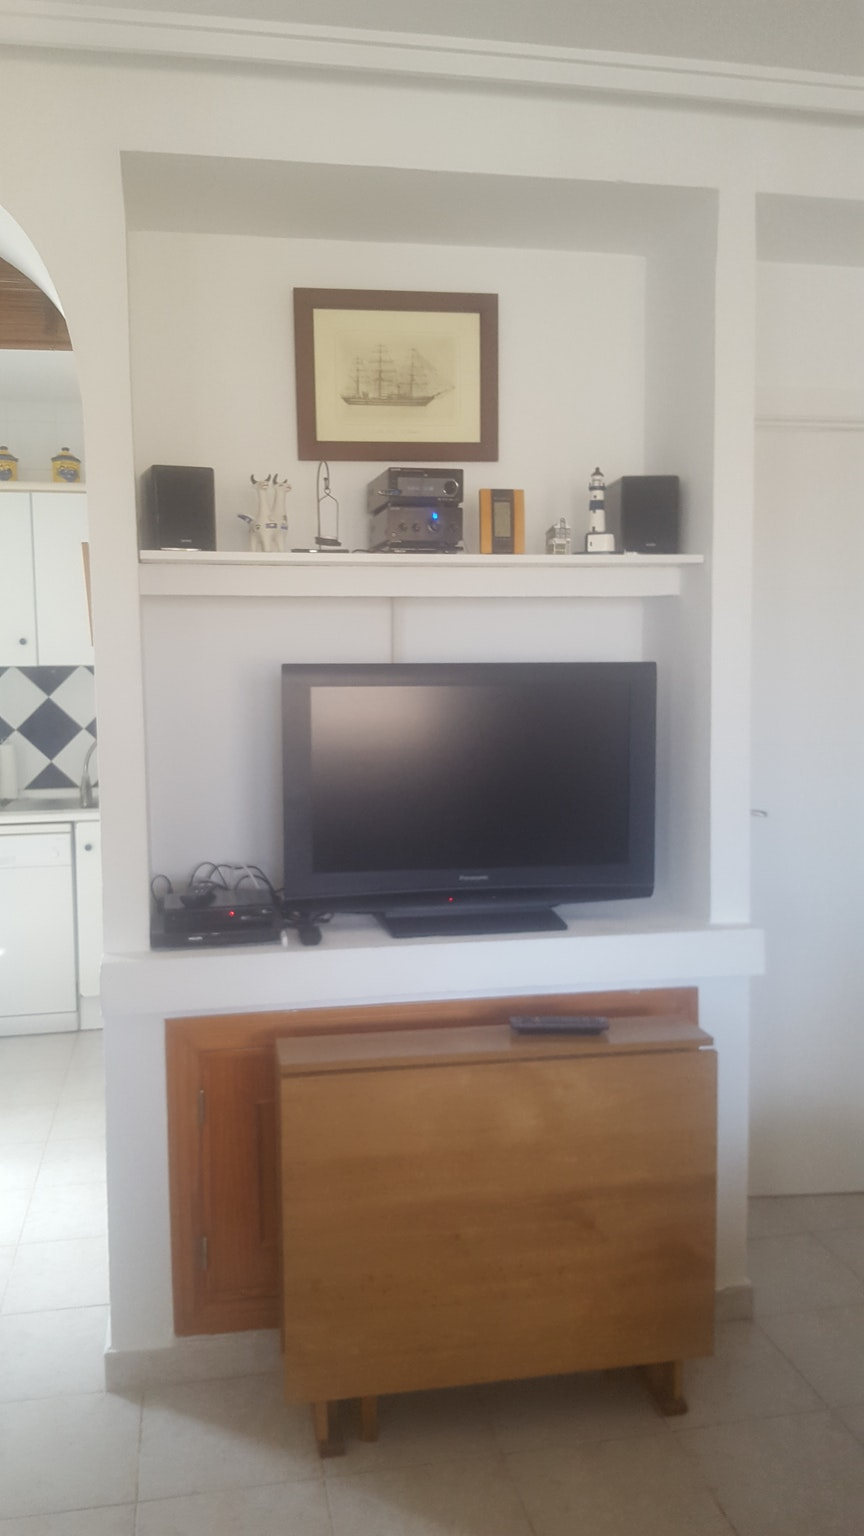 Ferienhaus Sonniges Haus mit 2 Schlafzimmern, WLAN, Swimmingpool und Solarium nahe Torrevieja - 1km z (2202043), Torrevieja, Costa Blanca, Valencia, Spanien, Bild 11